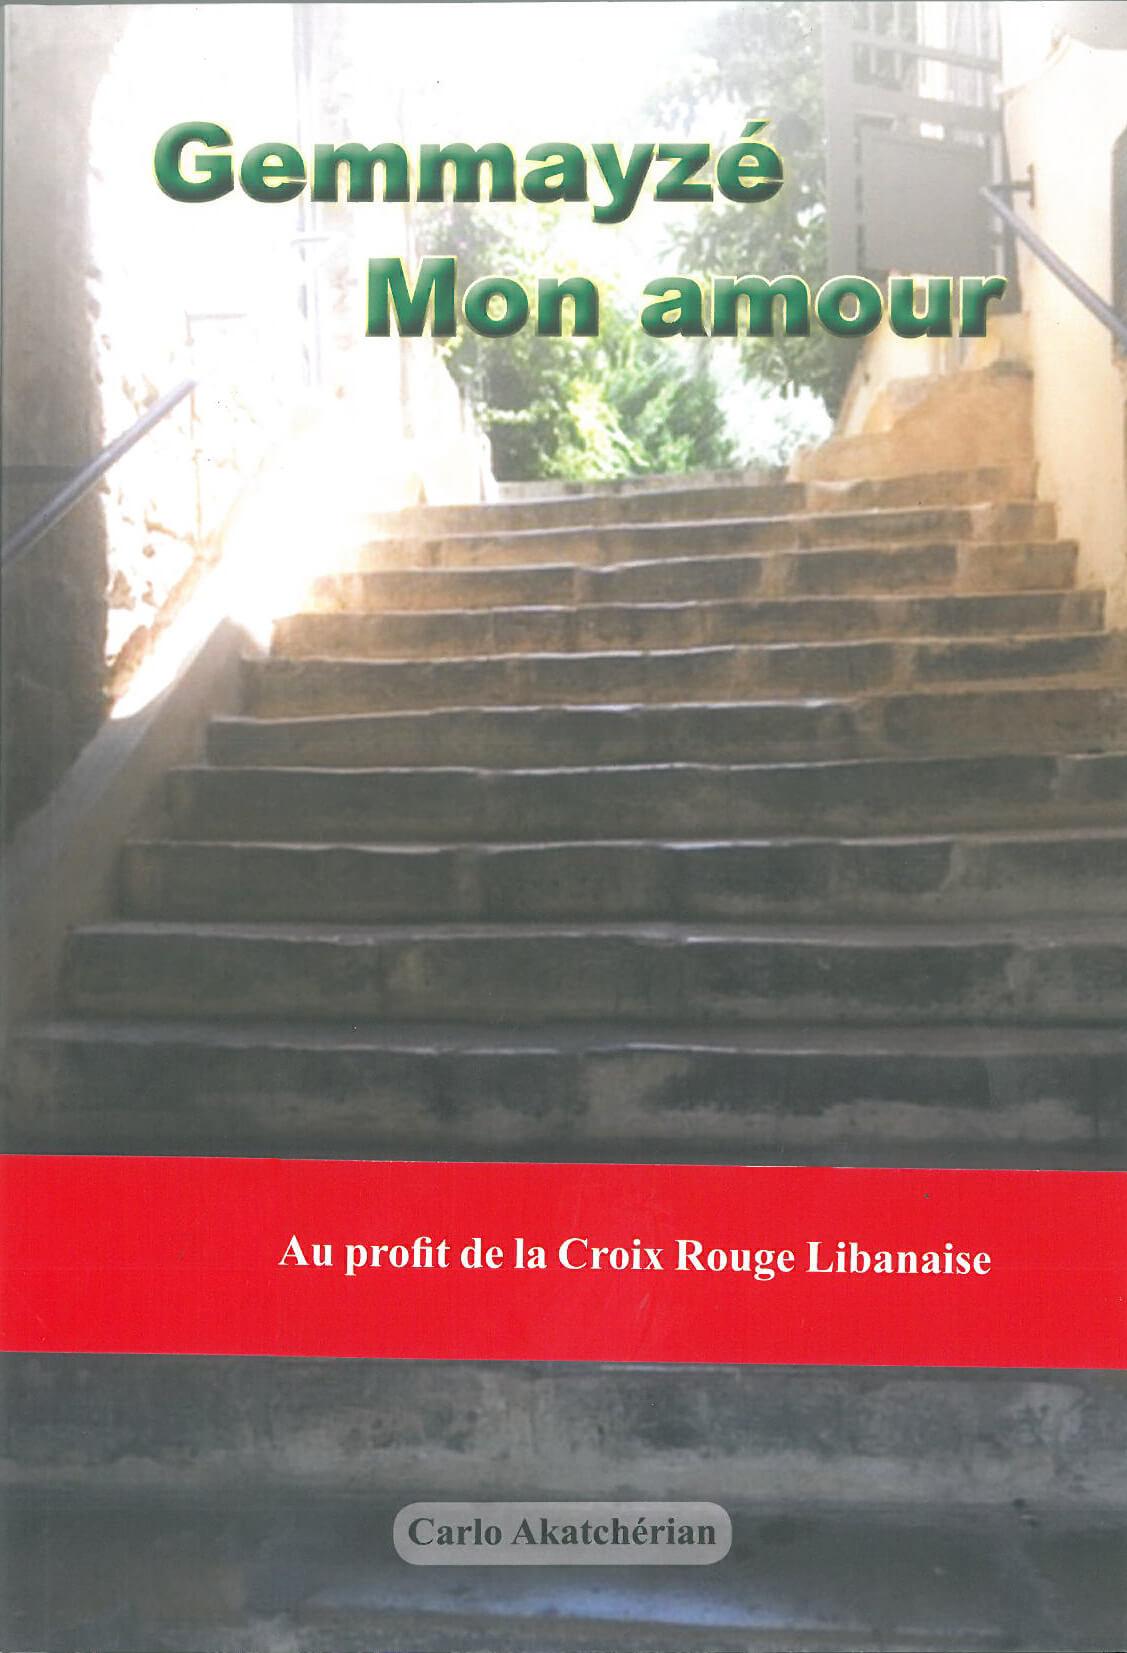 Gemmayzé Mon amour